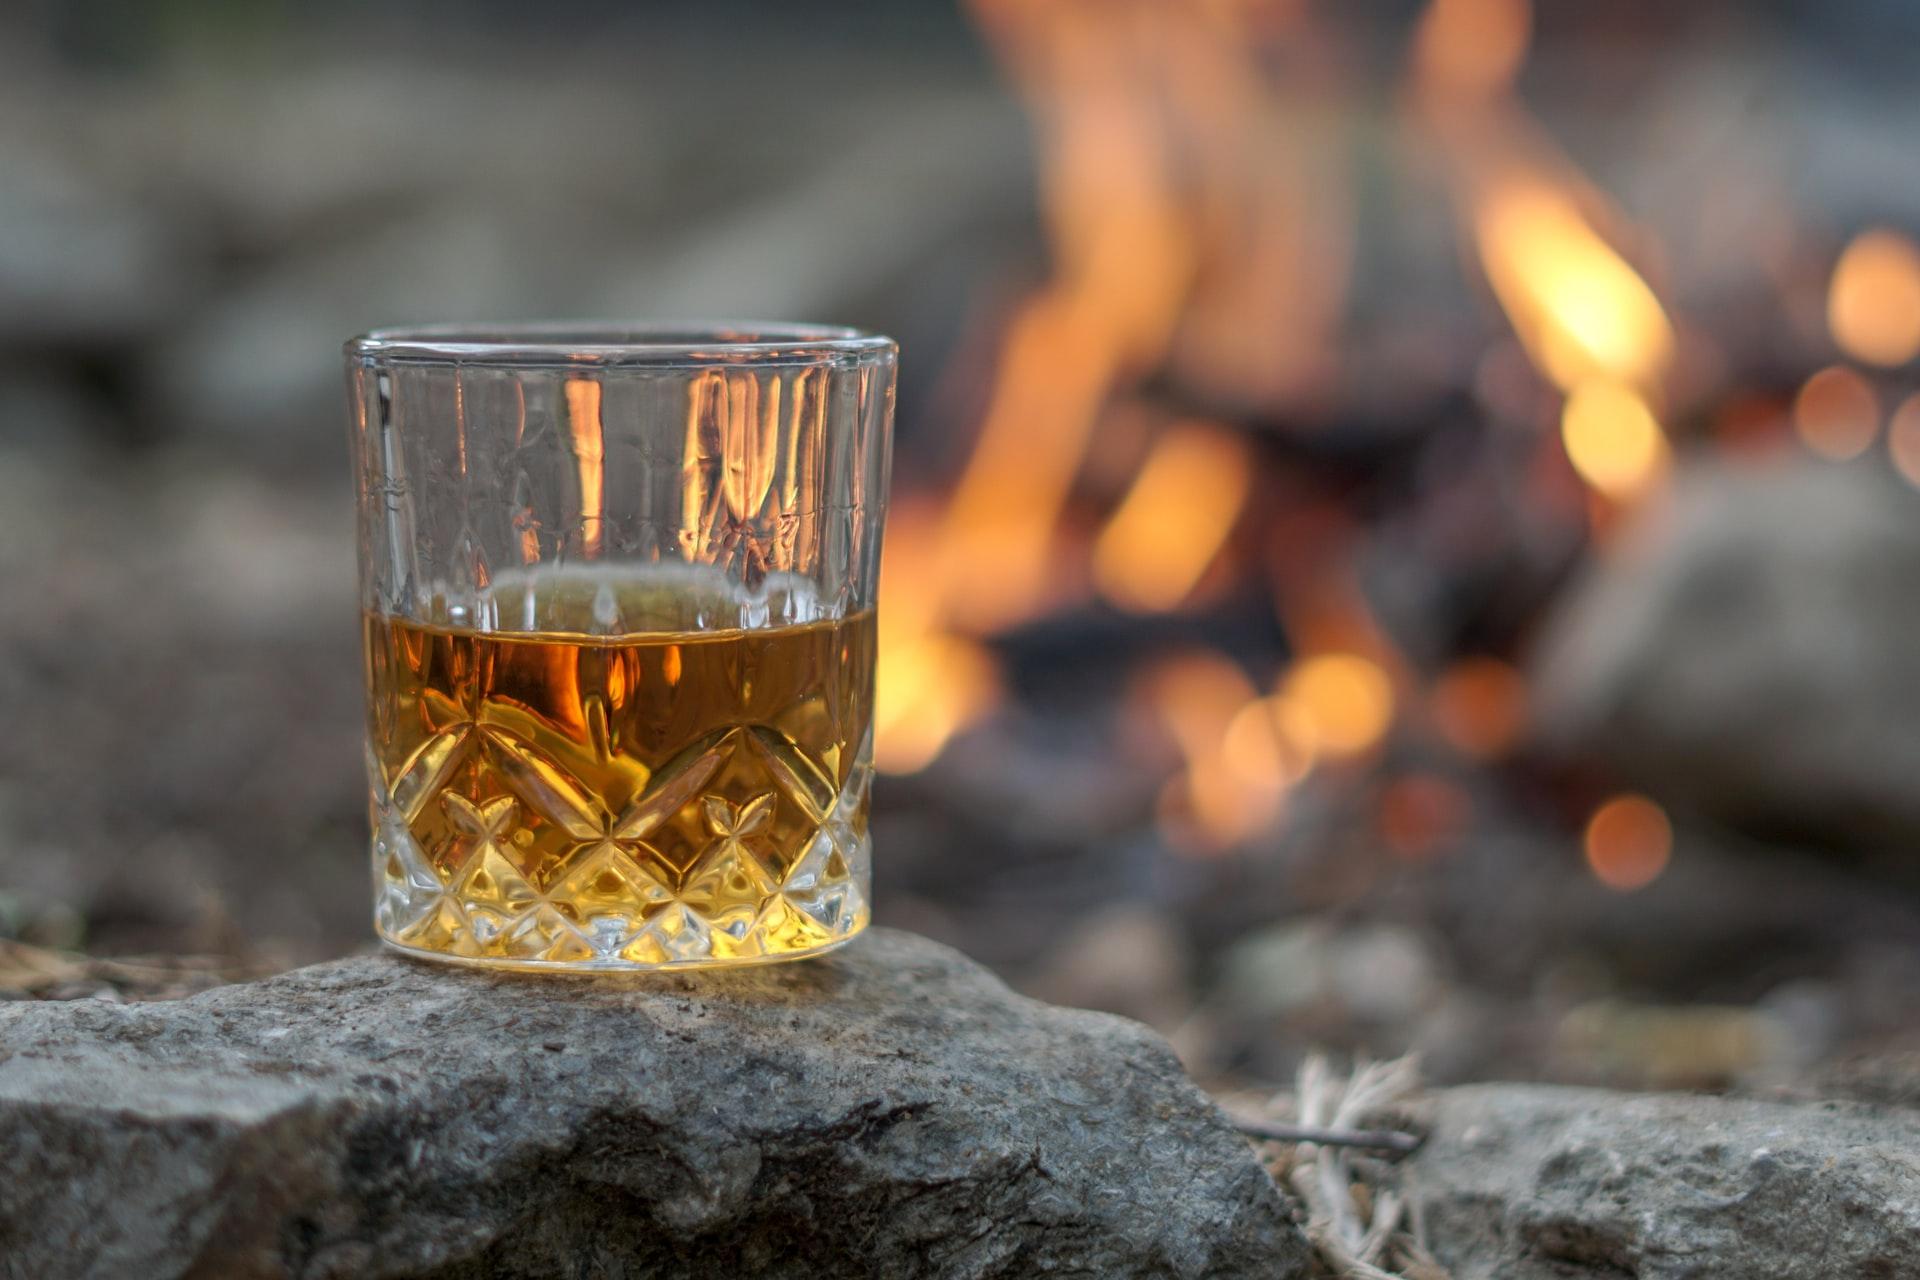 thomas park 4aWCVJA2uSo unsplash - Glæd en du har kær med portvin eller whisky